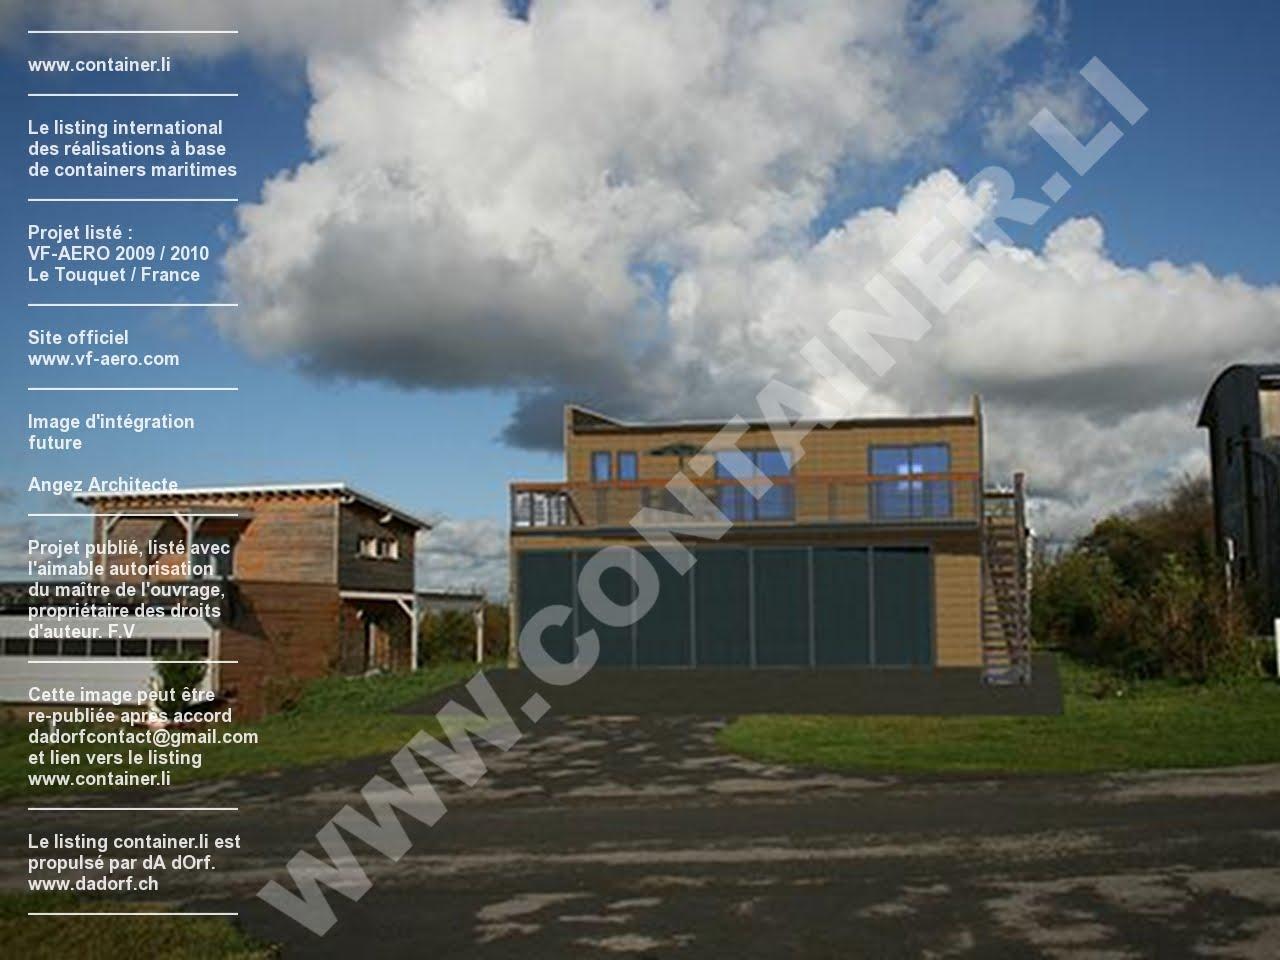 Constructeur Maison Container Nord hd wallpapers maison container nord pas de calais modern